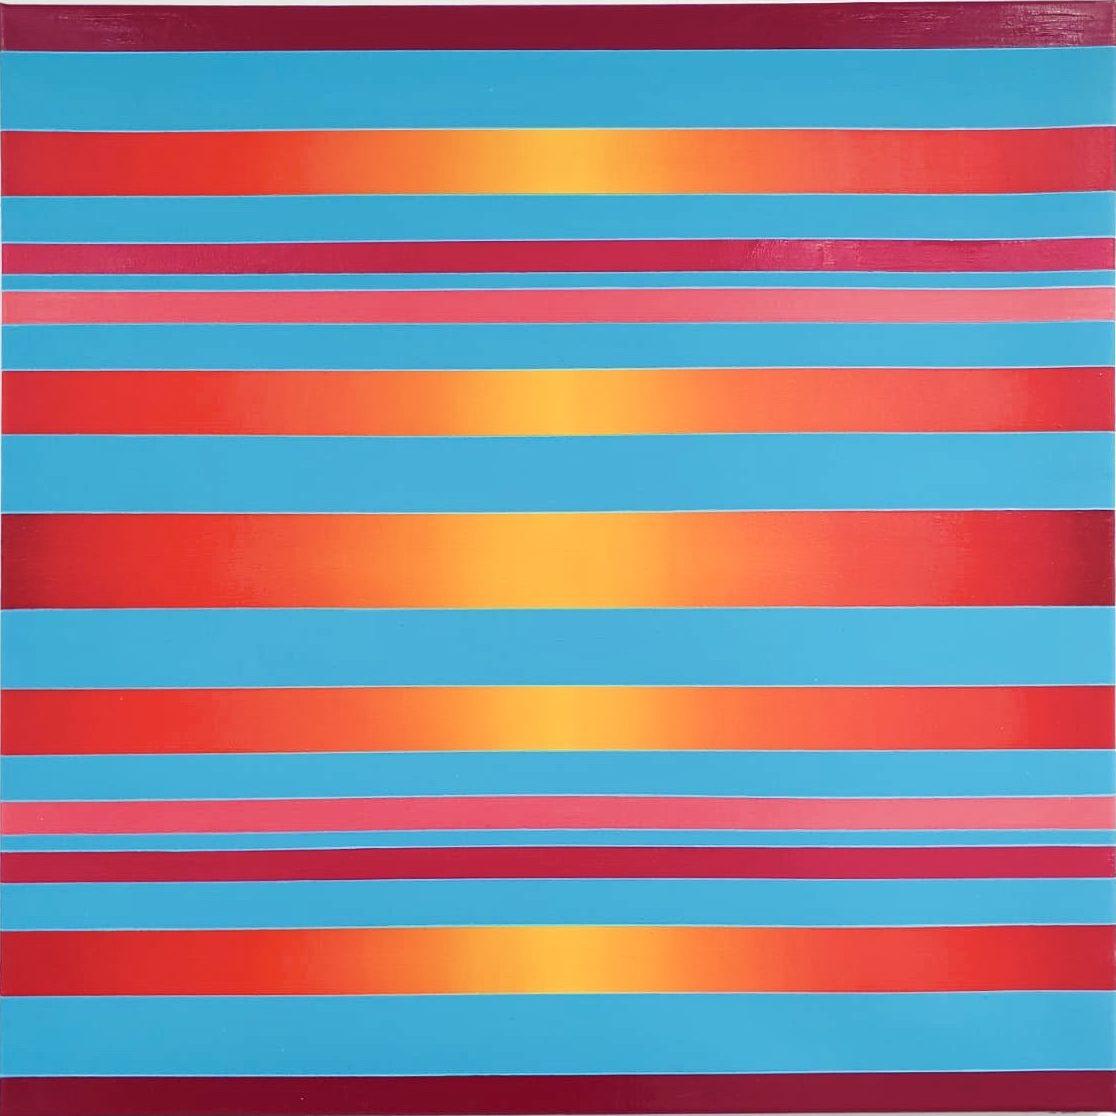 WAHRNEHMUNGSSTREIFEN 010 Canvas  70 x 70 x 2 cm  Acrylic Oil on canvas